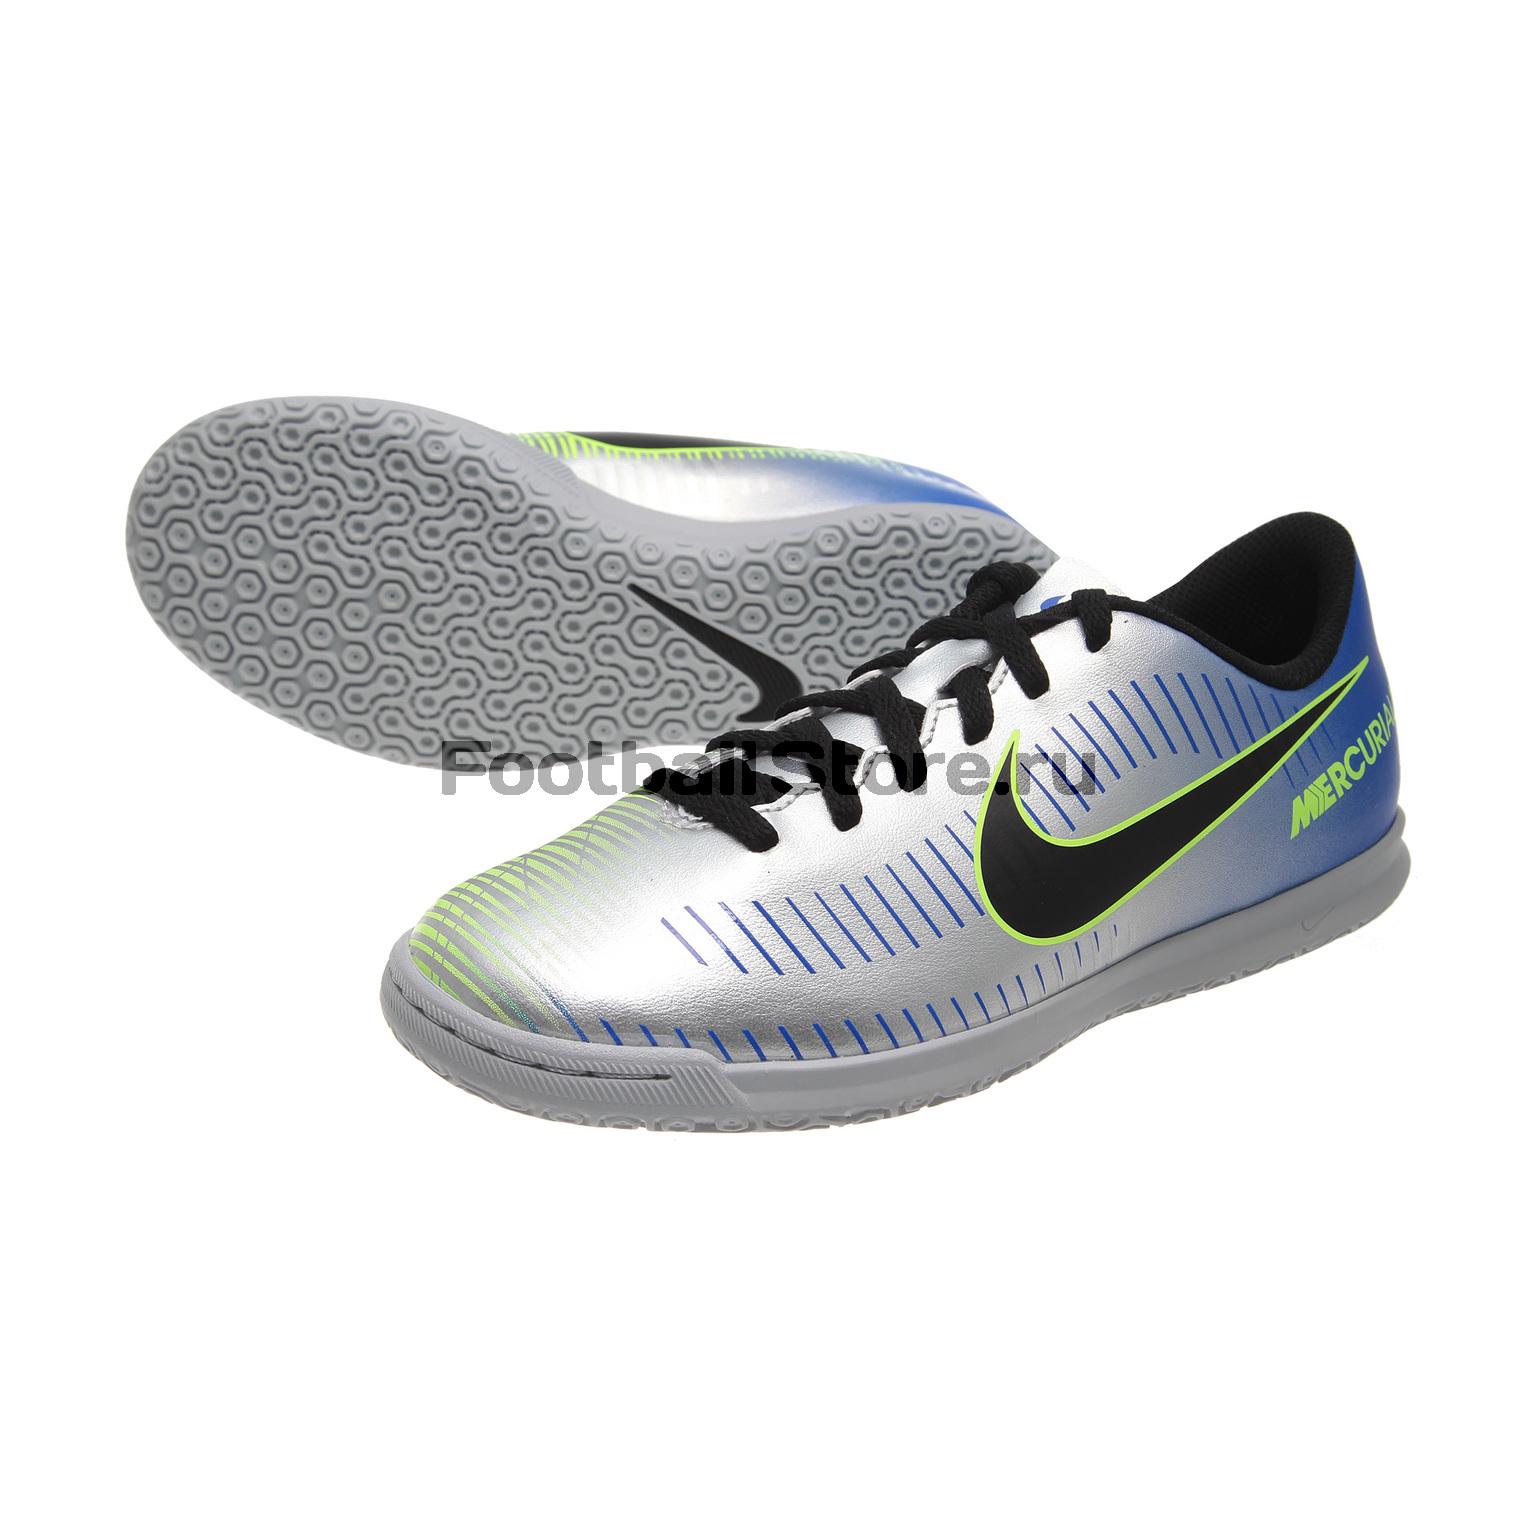 Обувь для зала Nike JR Mercurial Vortex III NJR IC 921495-407 бутсы футбольные nike mercurial victory vi njr fg 921488 407 jr детские